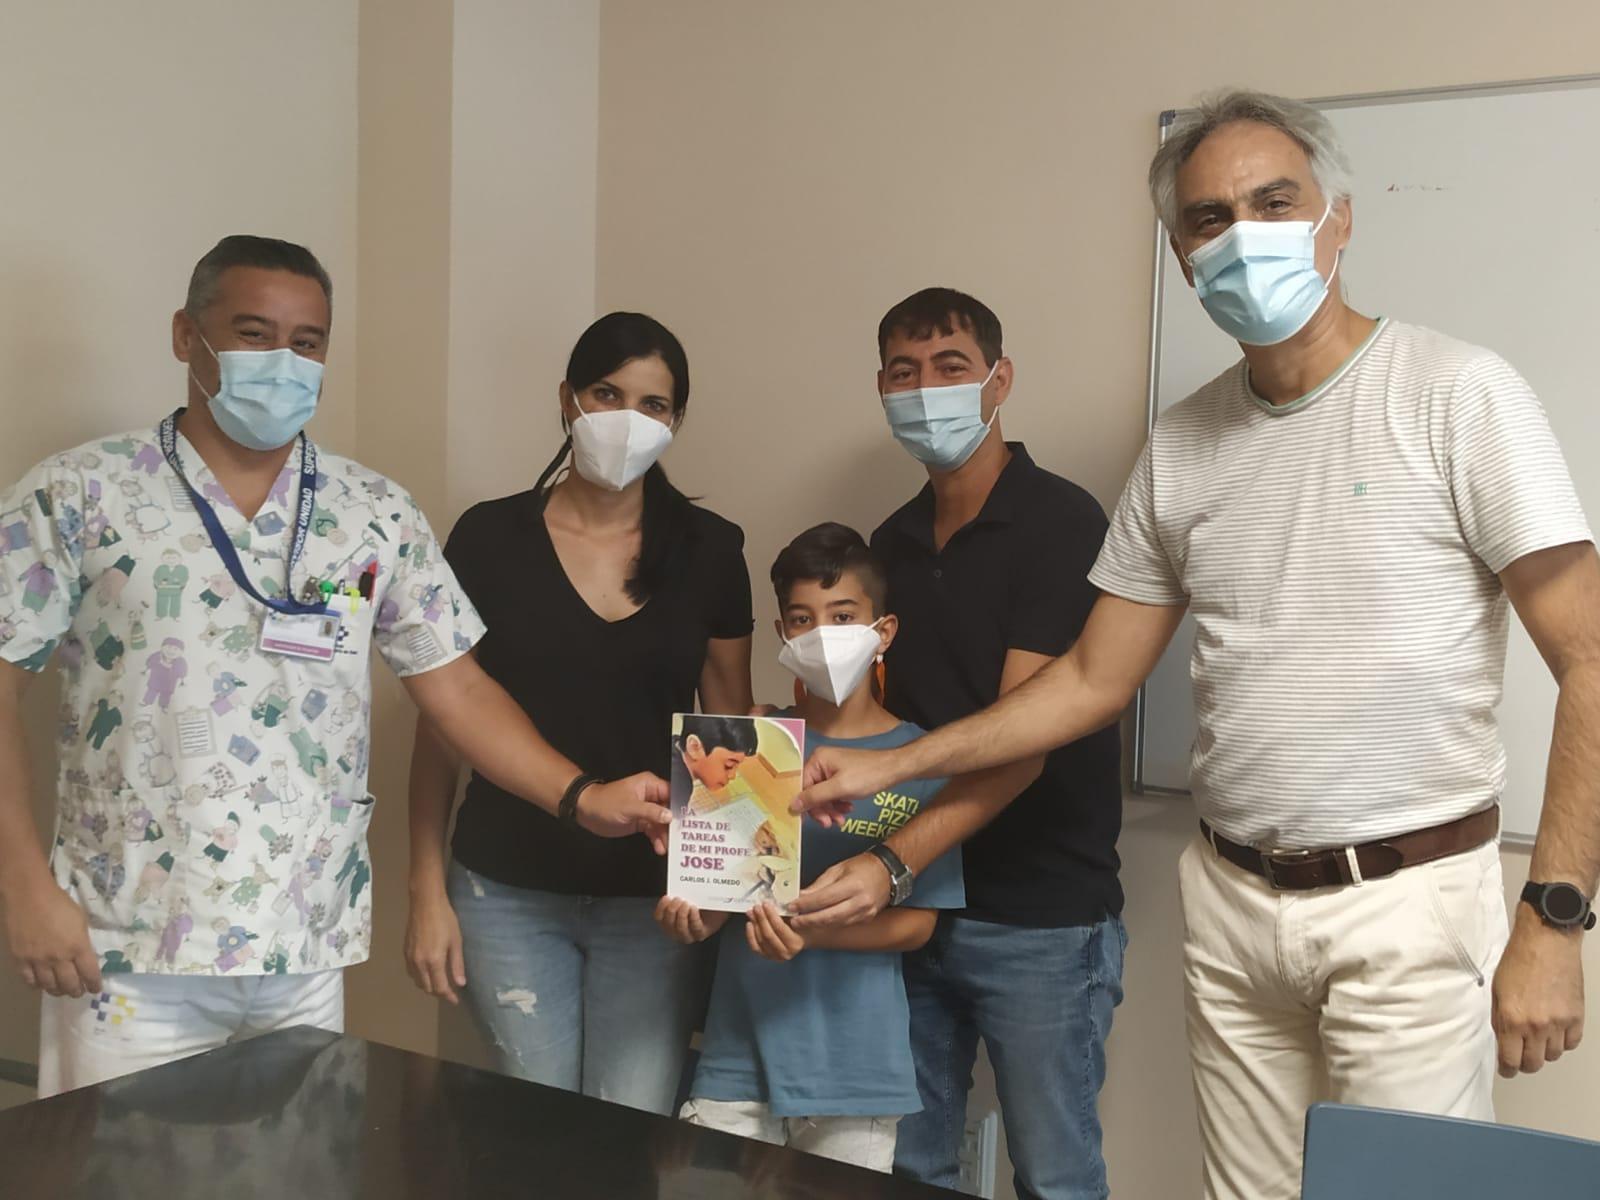 El Hospital General de Fuerteventura recibe una donación de libros para los pacientes de la Unidad de Pediatría